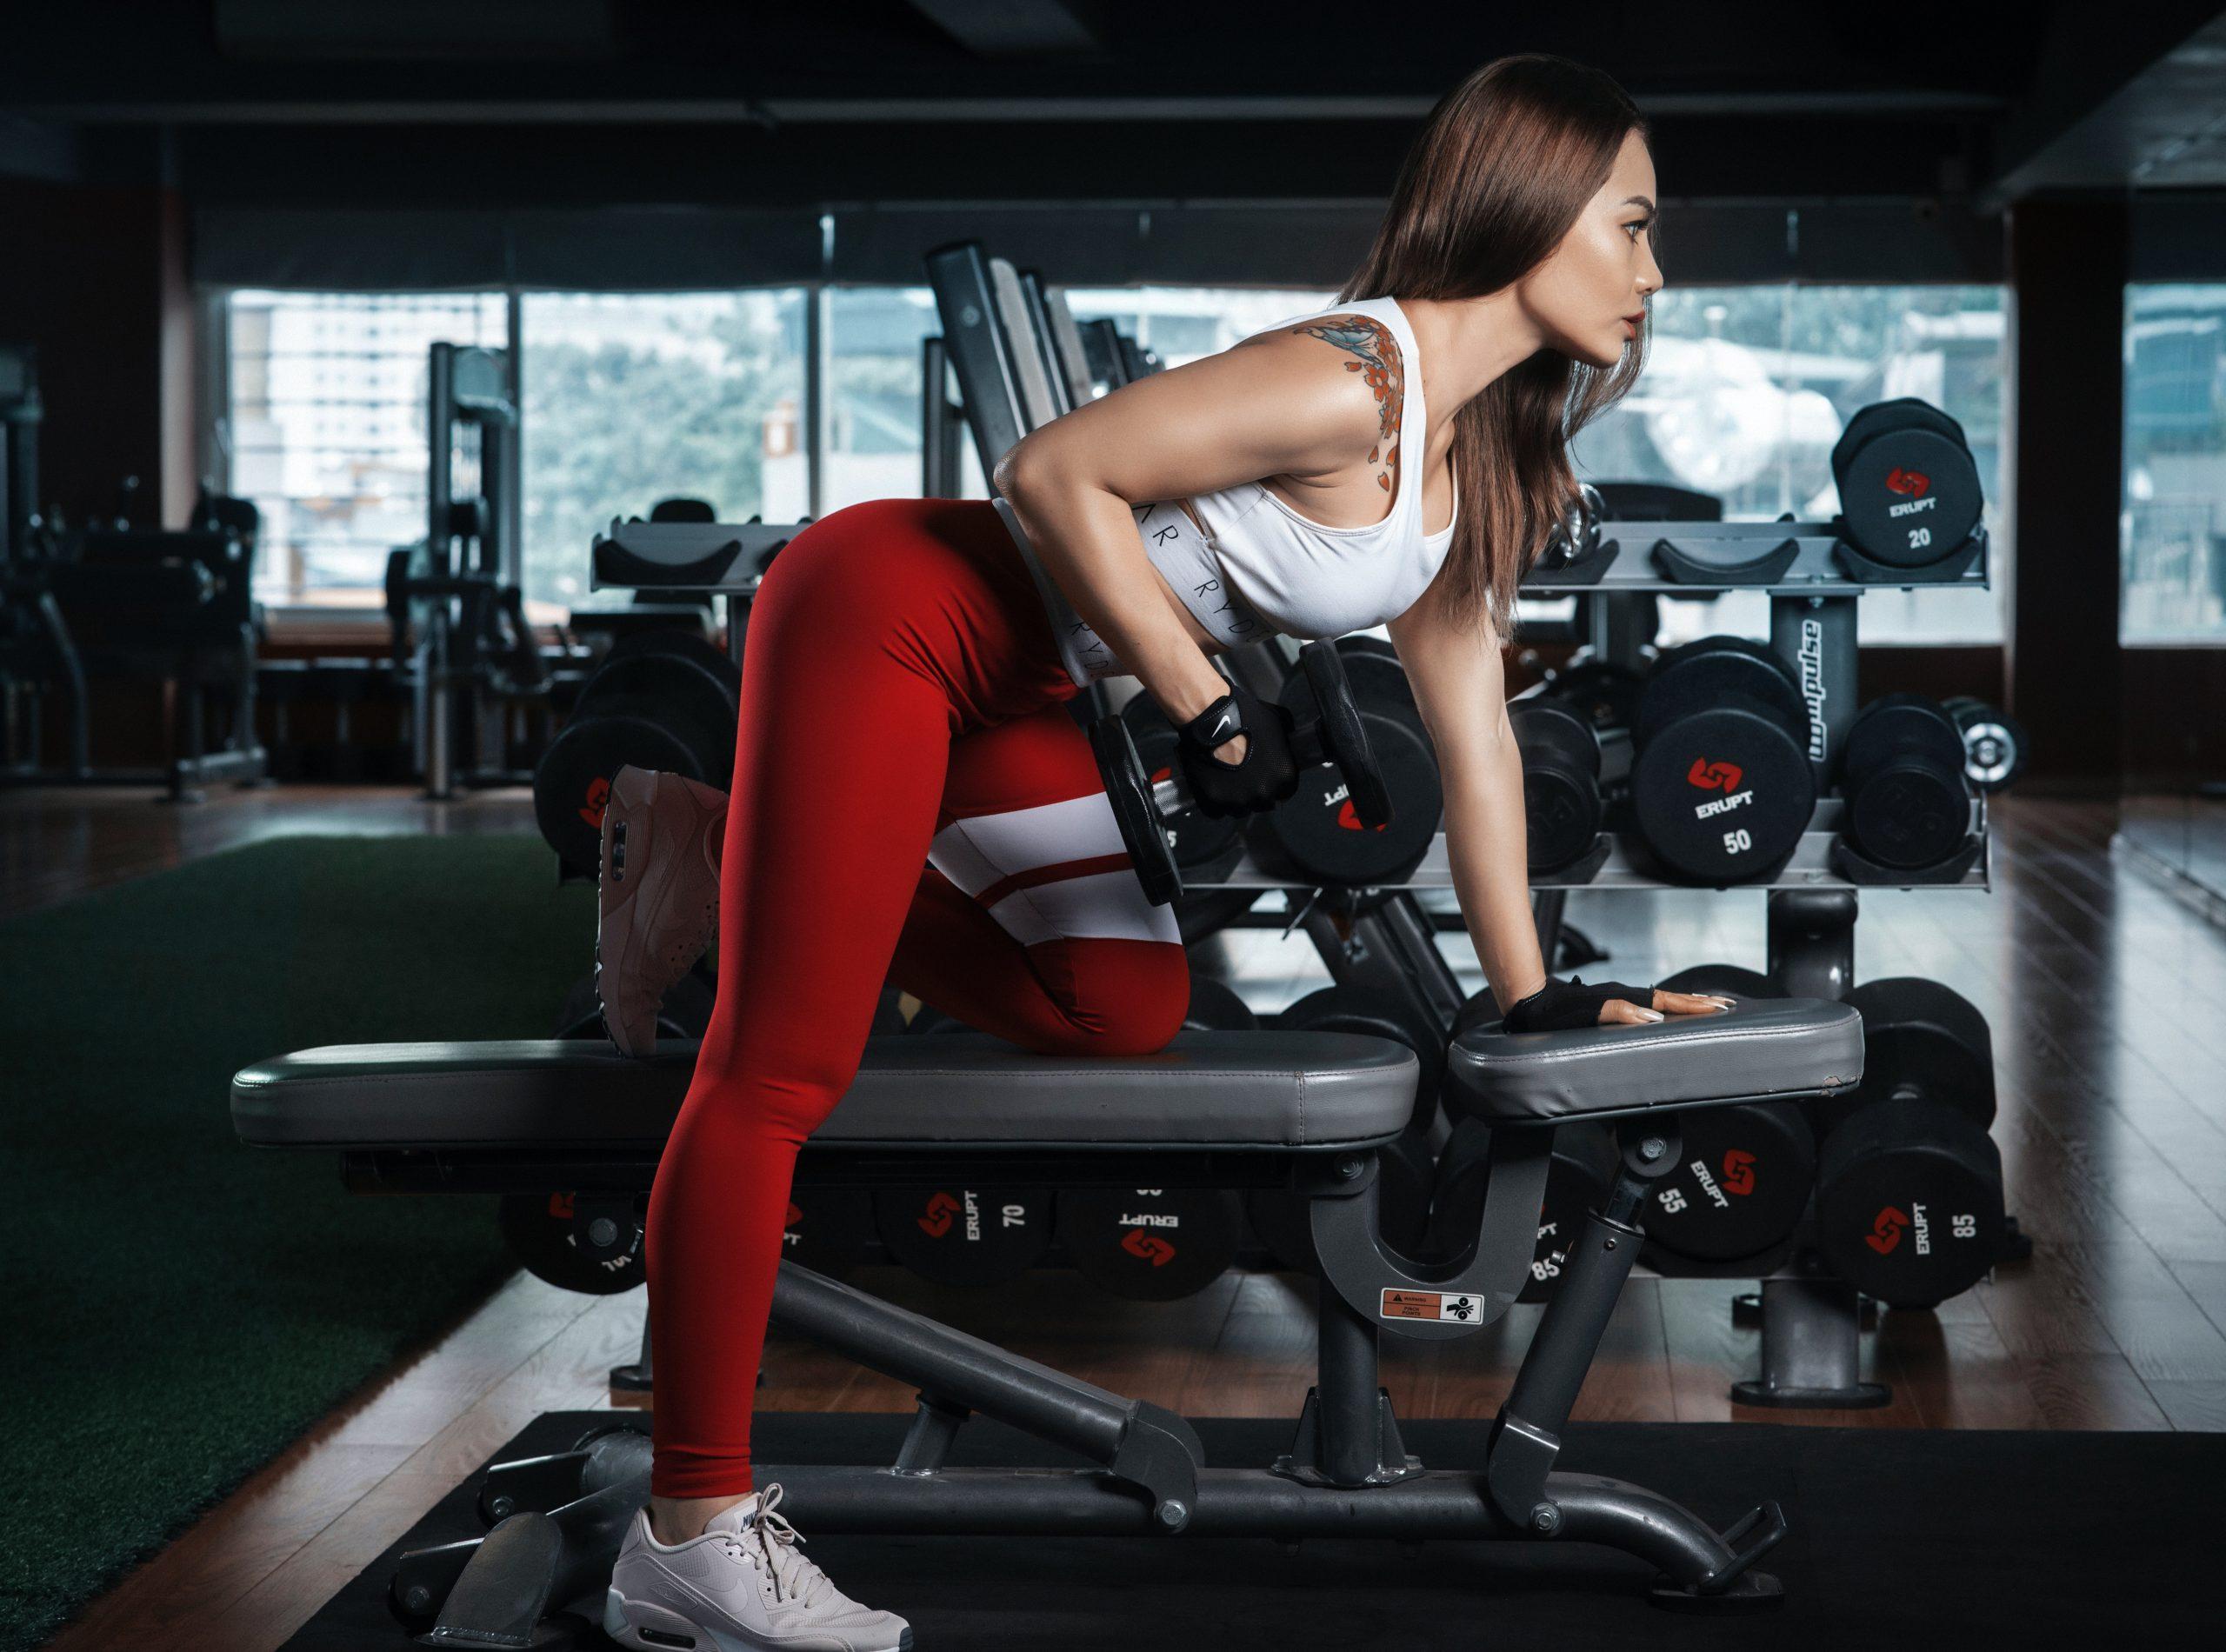 若い頃に比べて太りやすいのは筋肉の衰えが原因